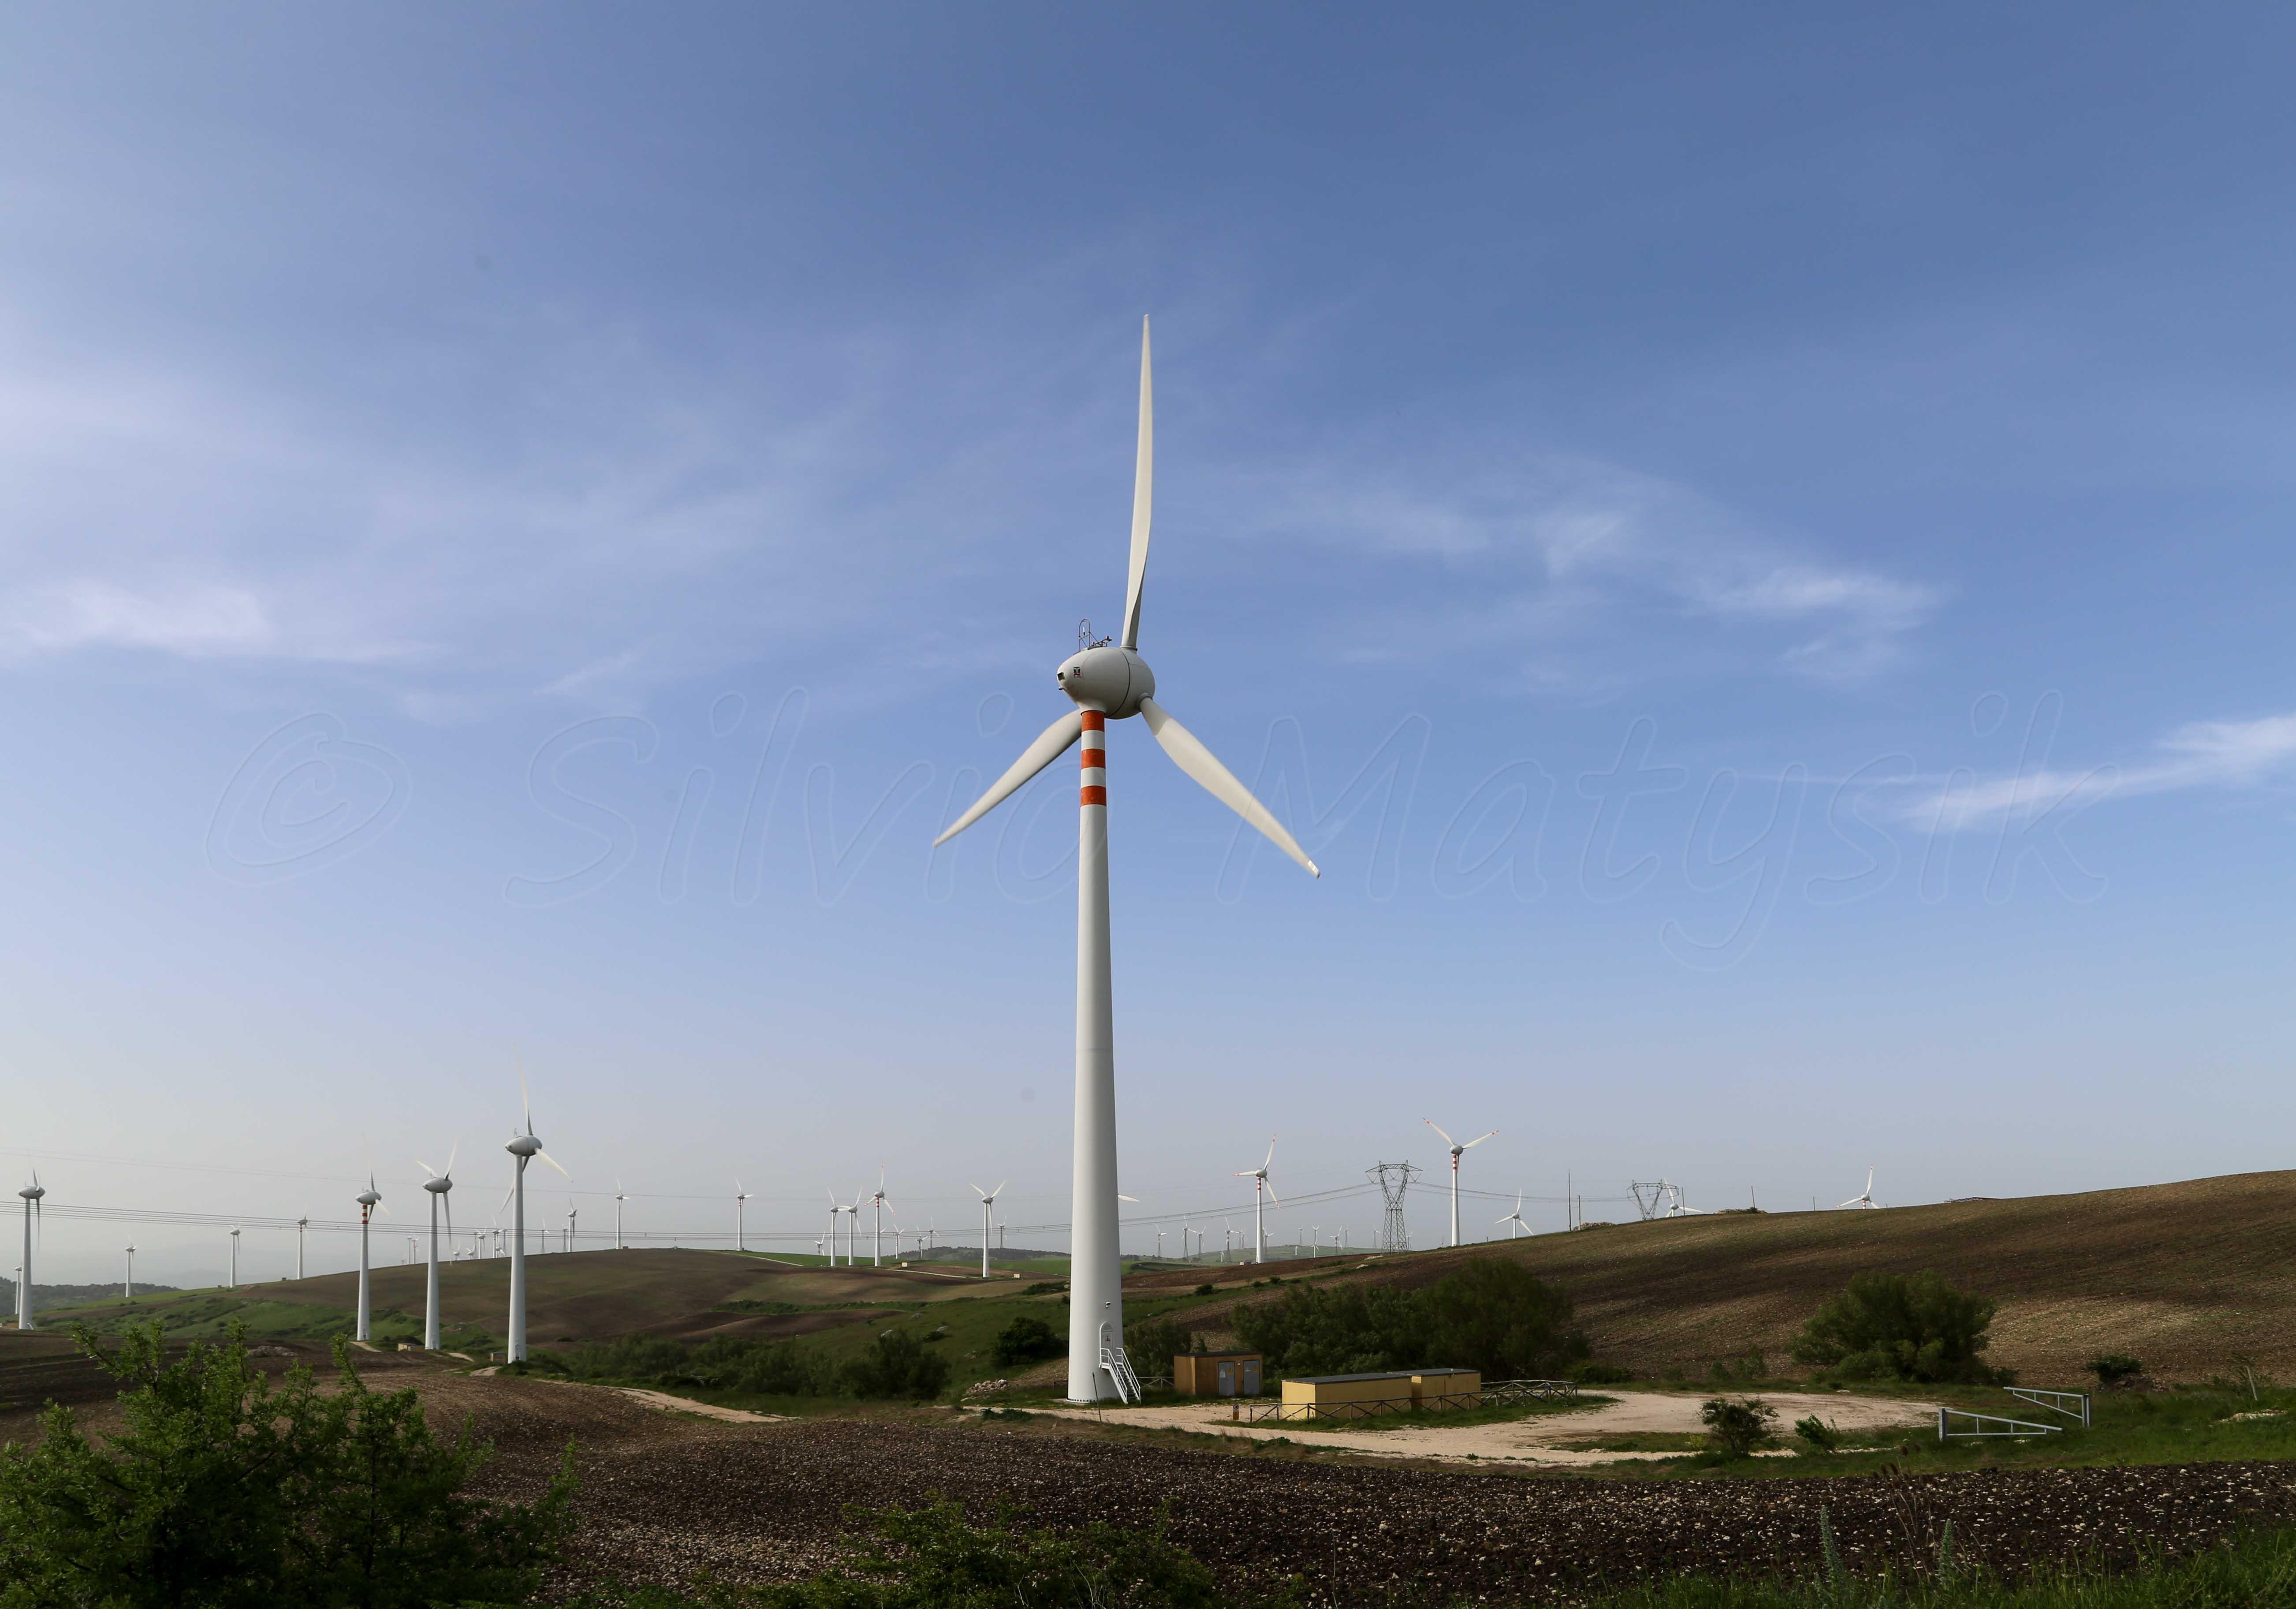 Enercon E 40 6 44 600 00 kW Wind turbine